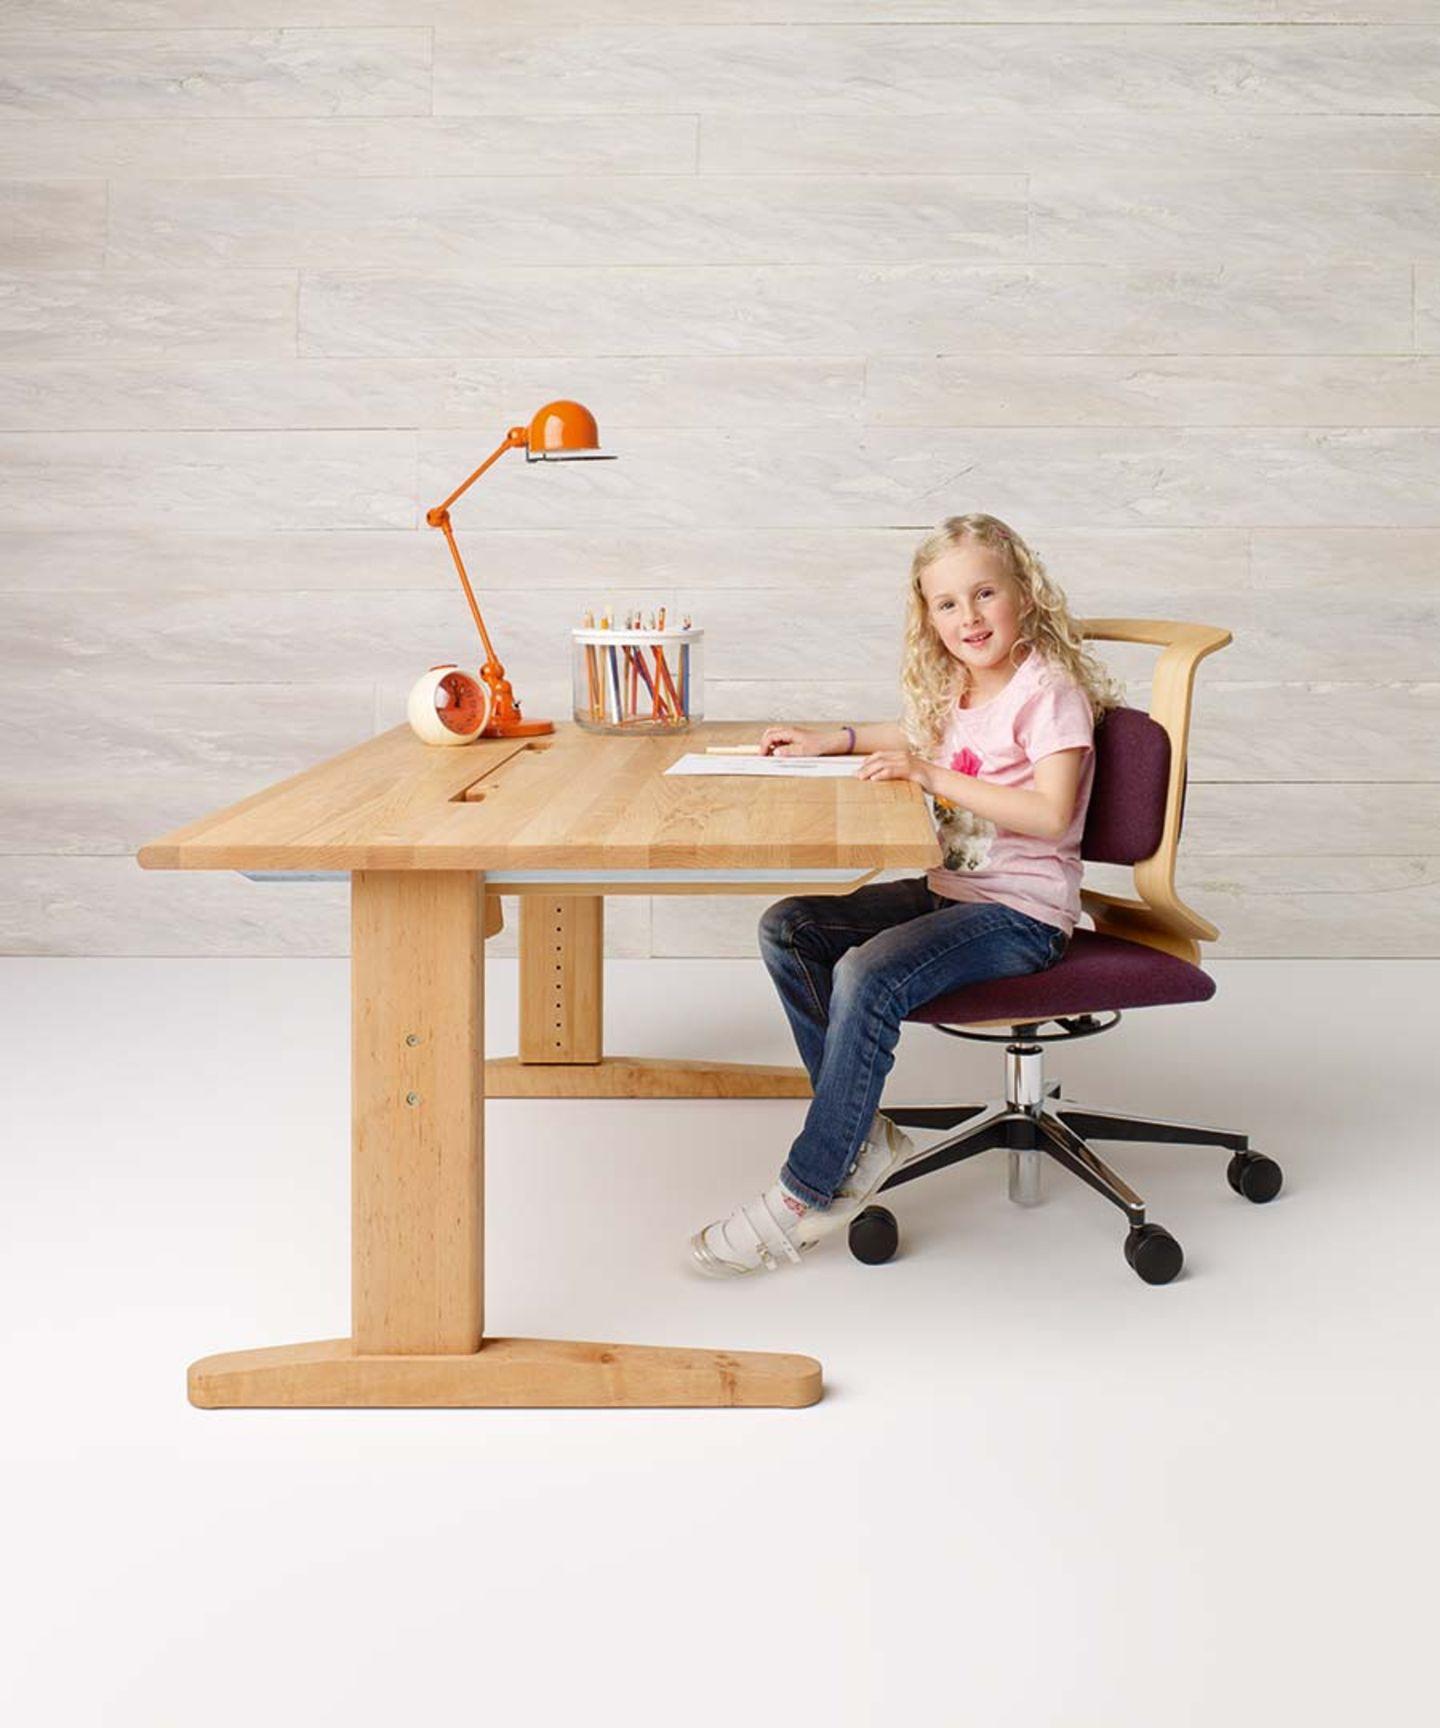 Sedia girevole e scrivania in legno naturale per bambini